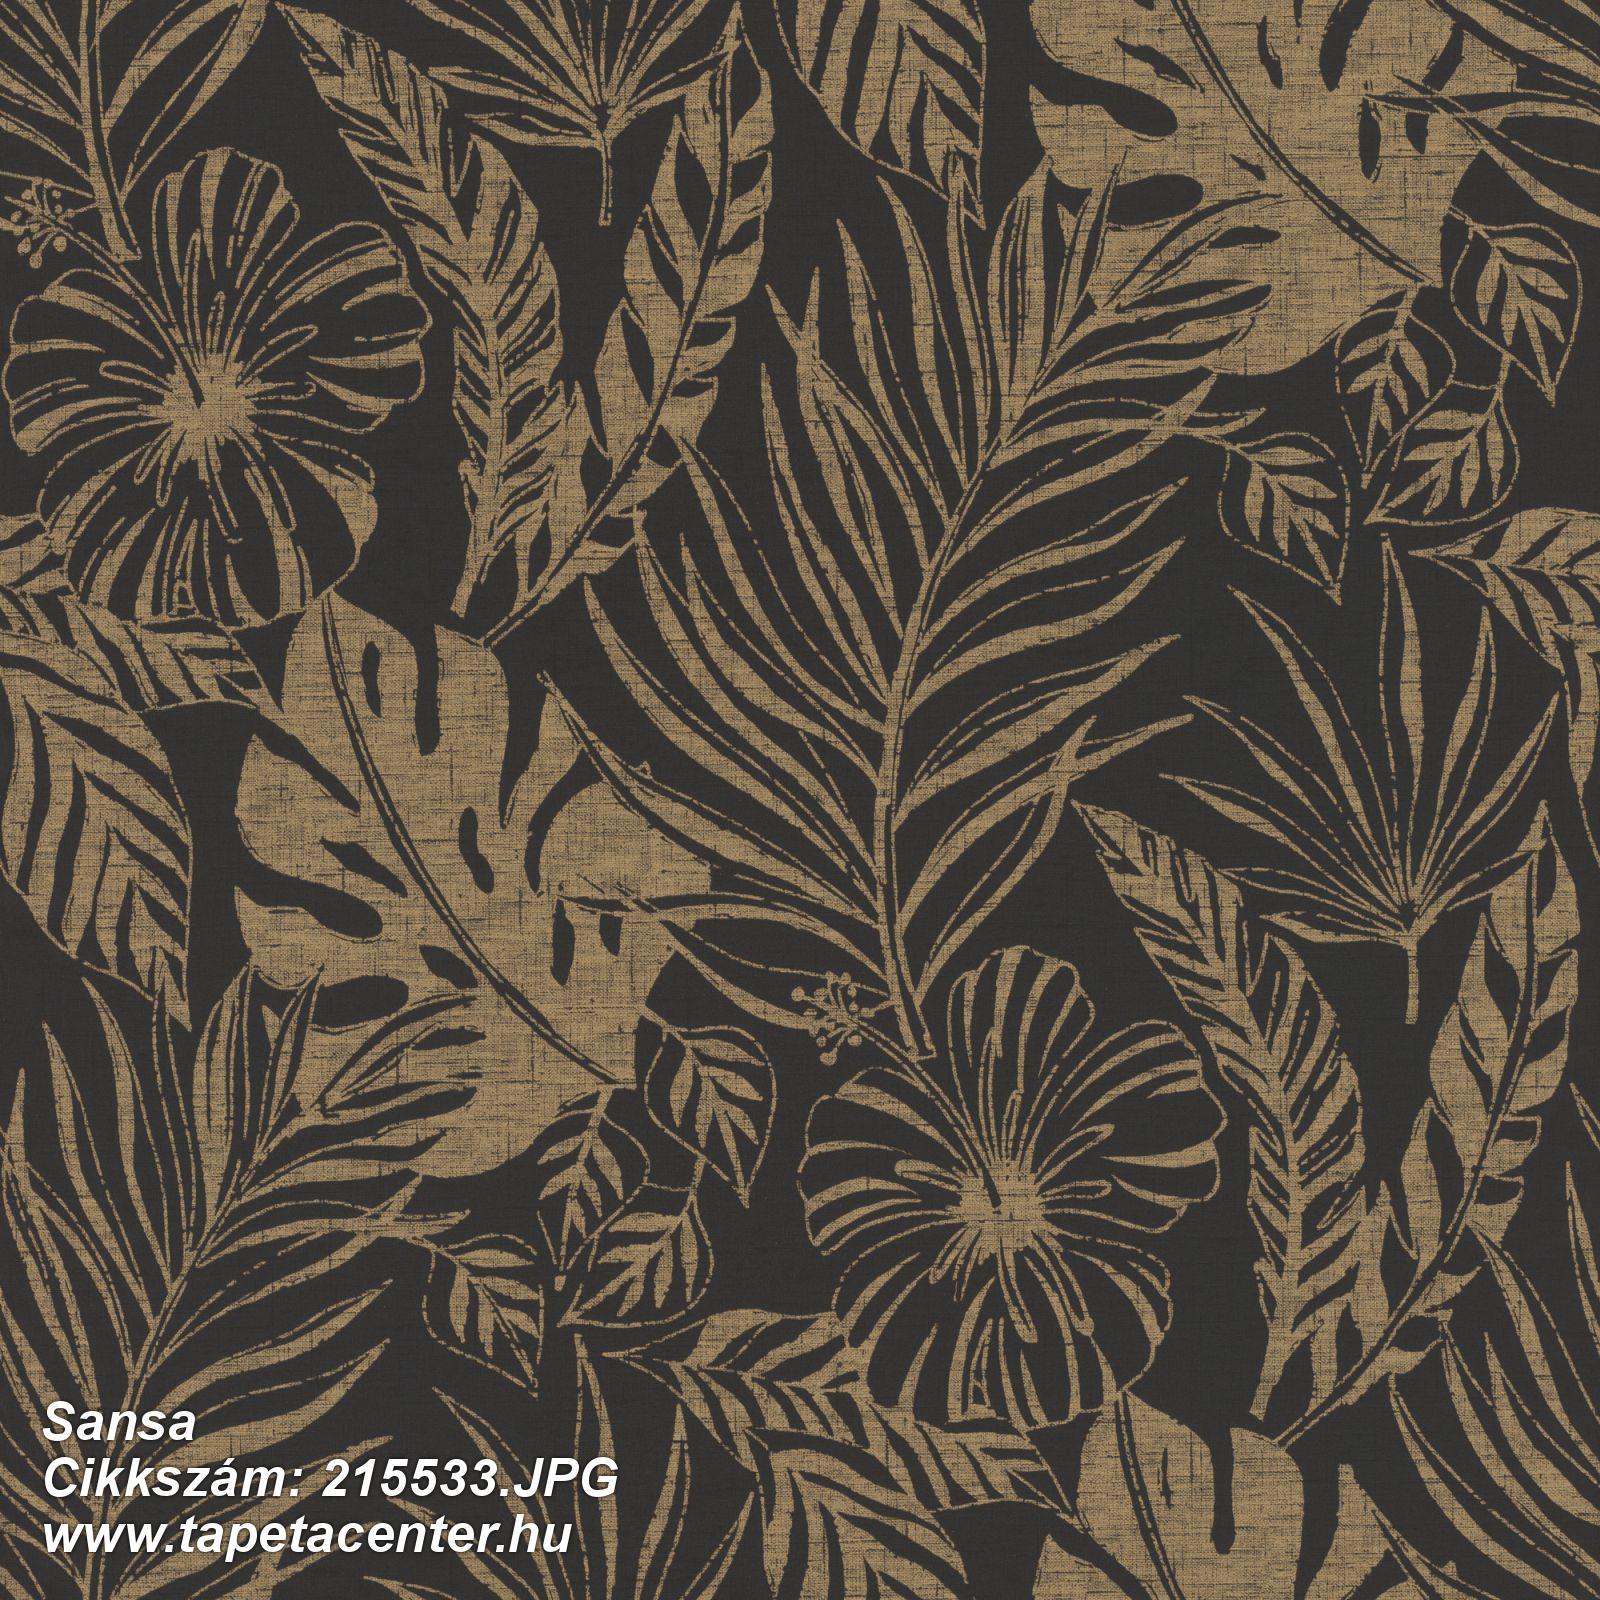 Természeti mintás,virágmintás,arany,fekete,gyengén mosható,papír tapéta